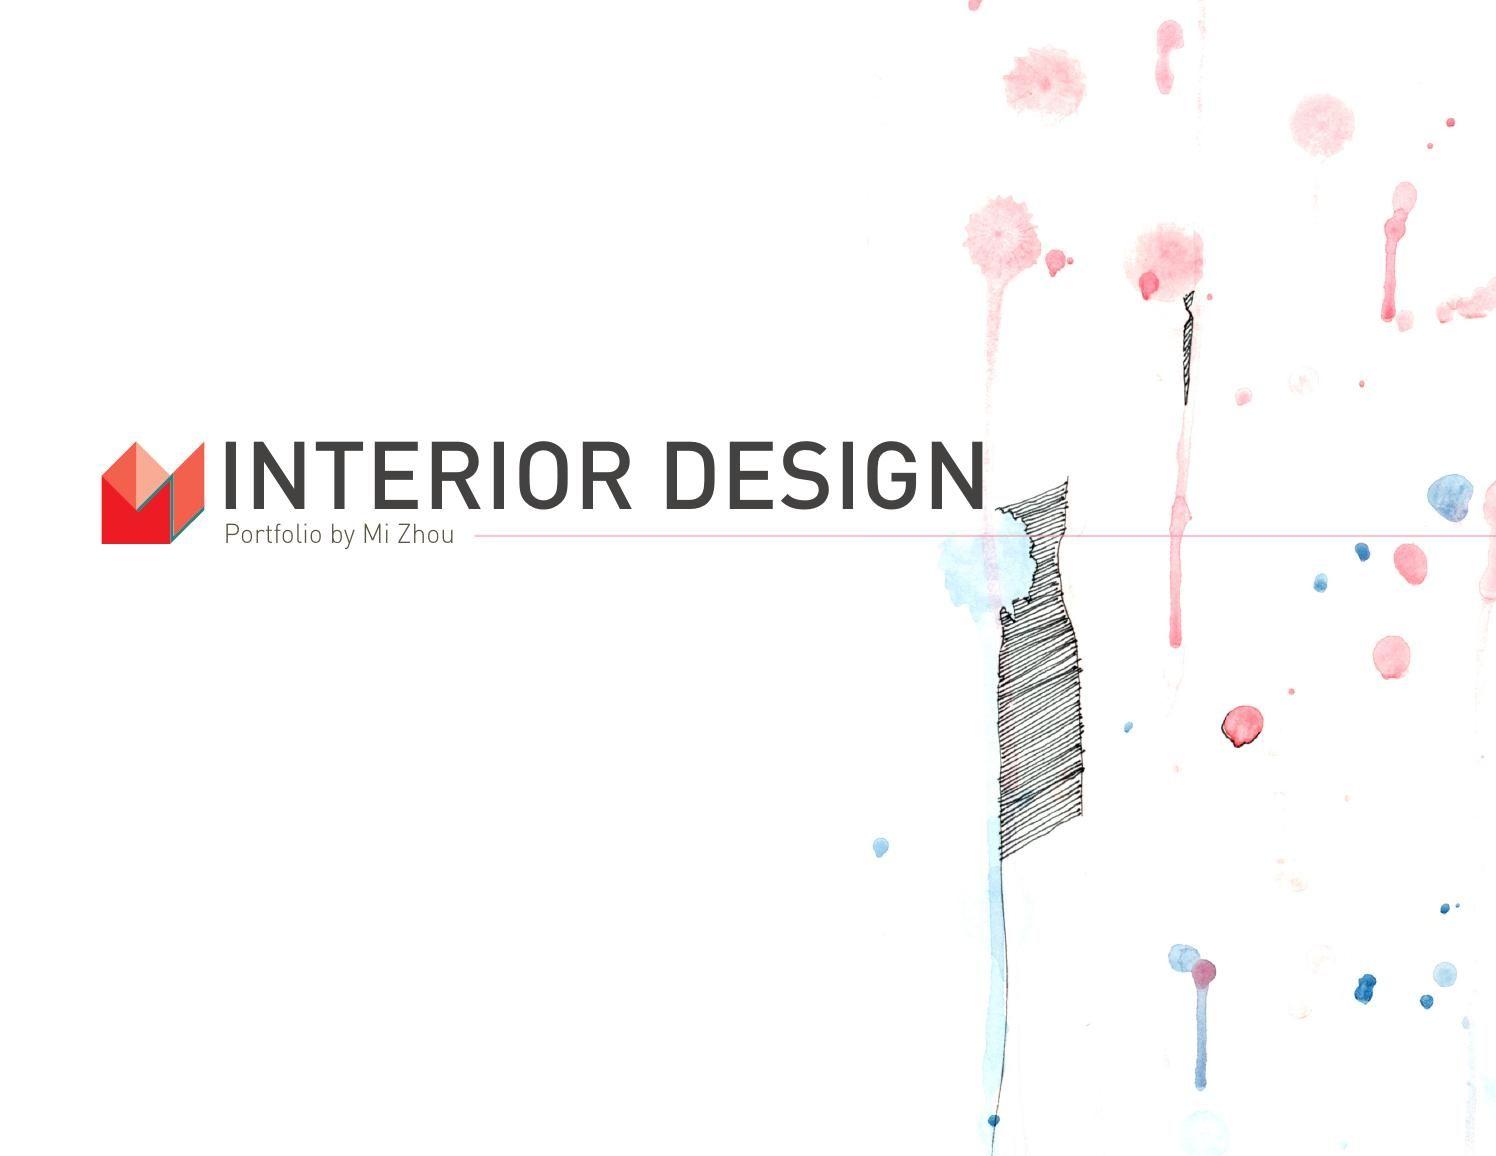 New Interior Design Portfolio